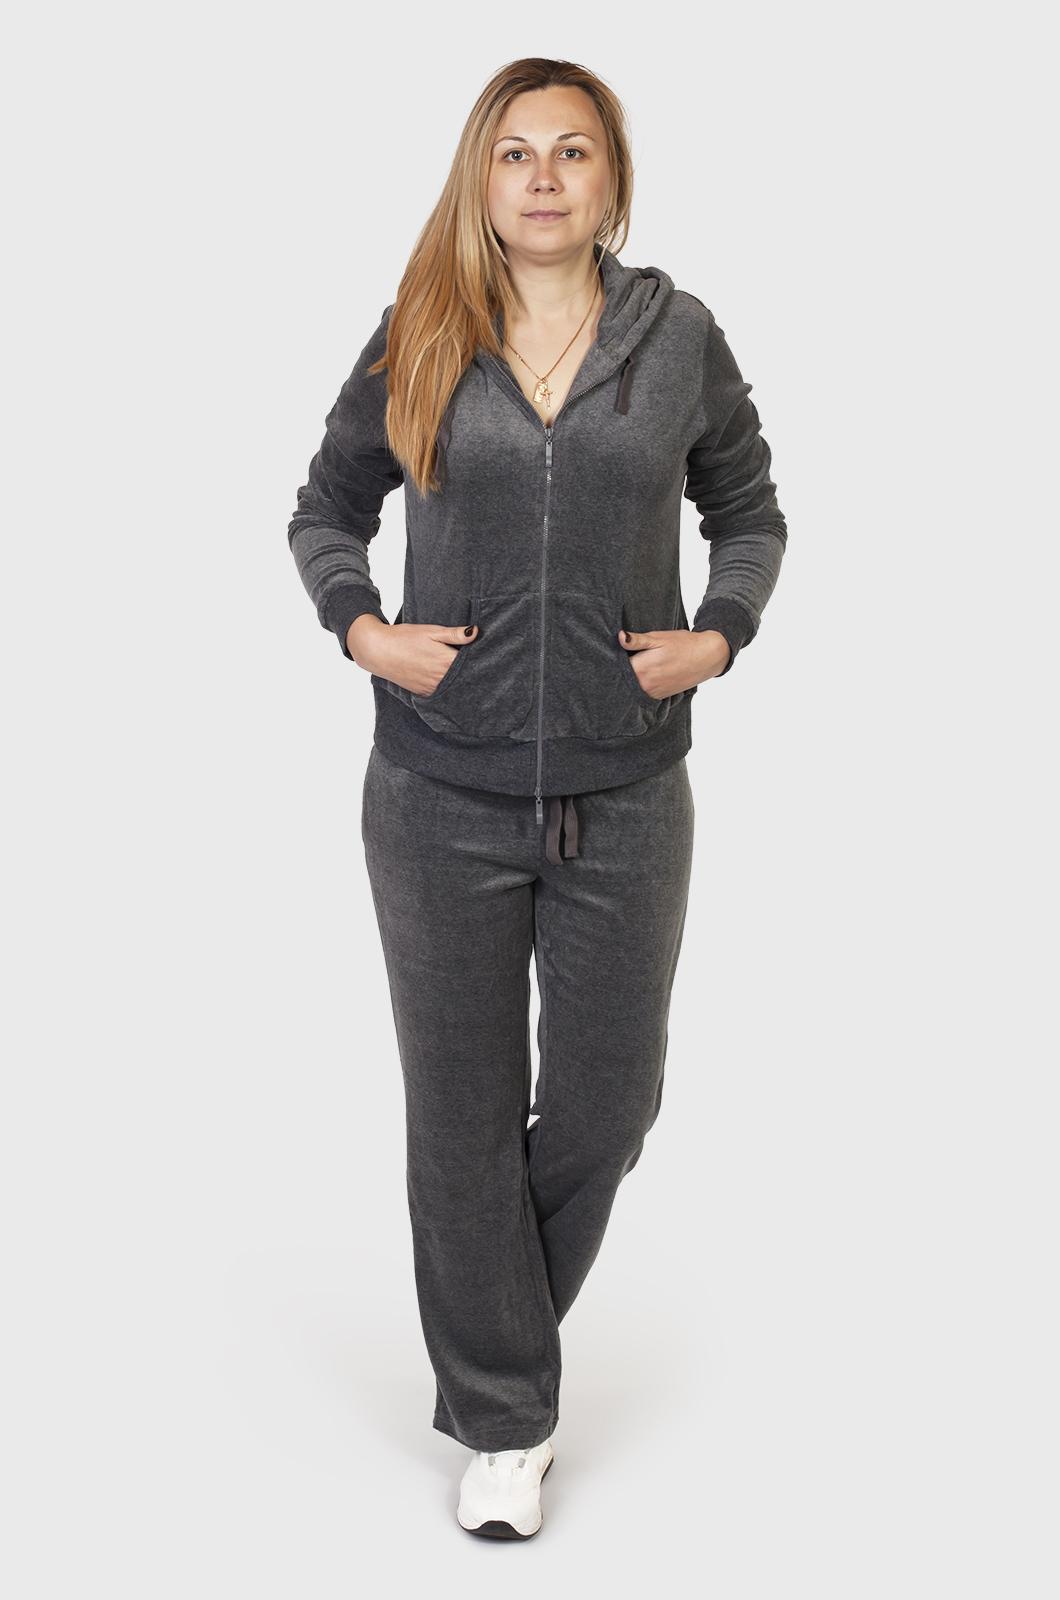 Военпро – проверенный поставщик фирменной одежды и товаров для СП